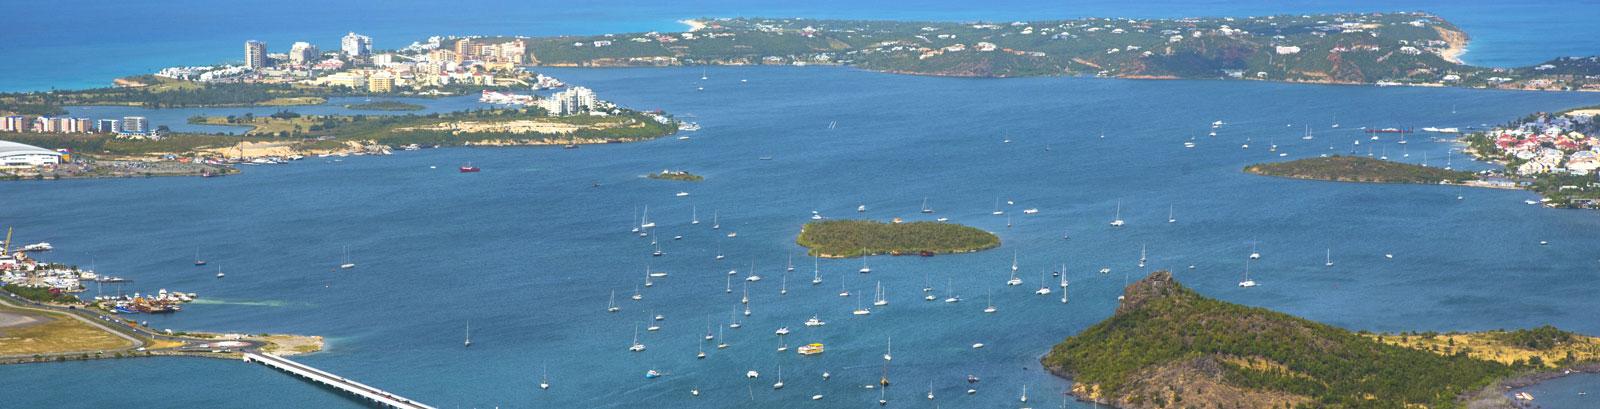 Location Map of Simpson Bay Resort & Marina in St. Maarten